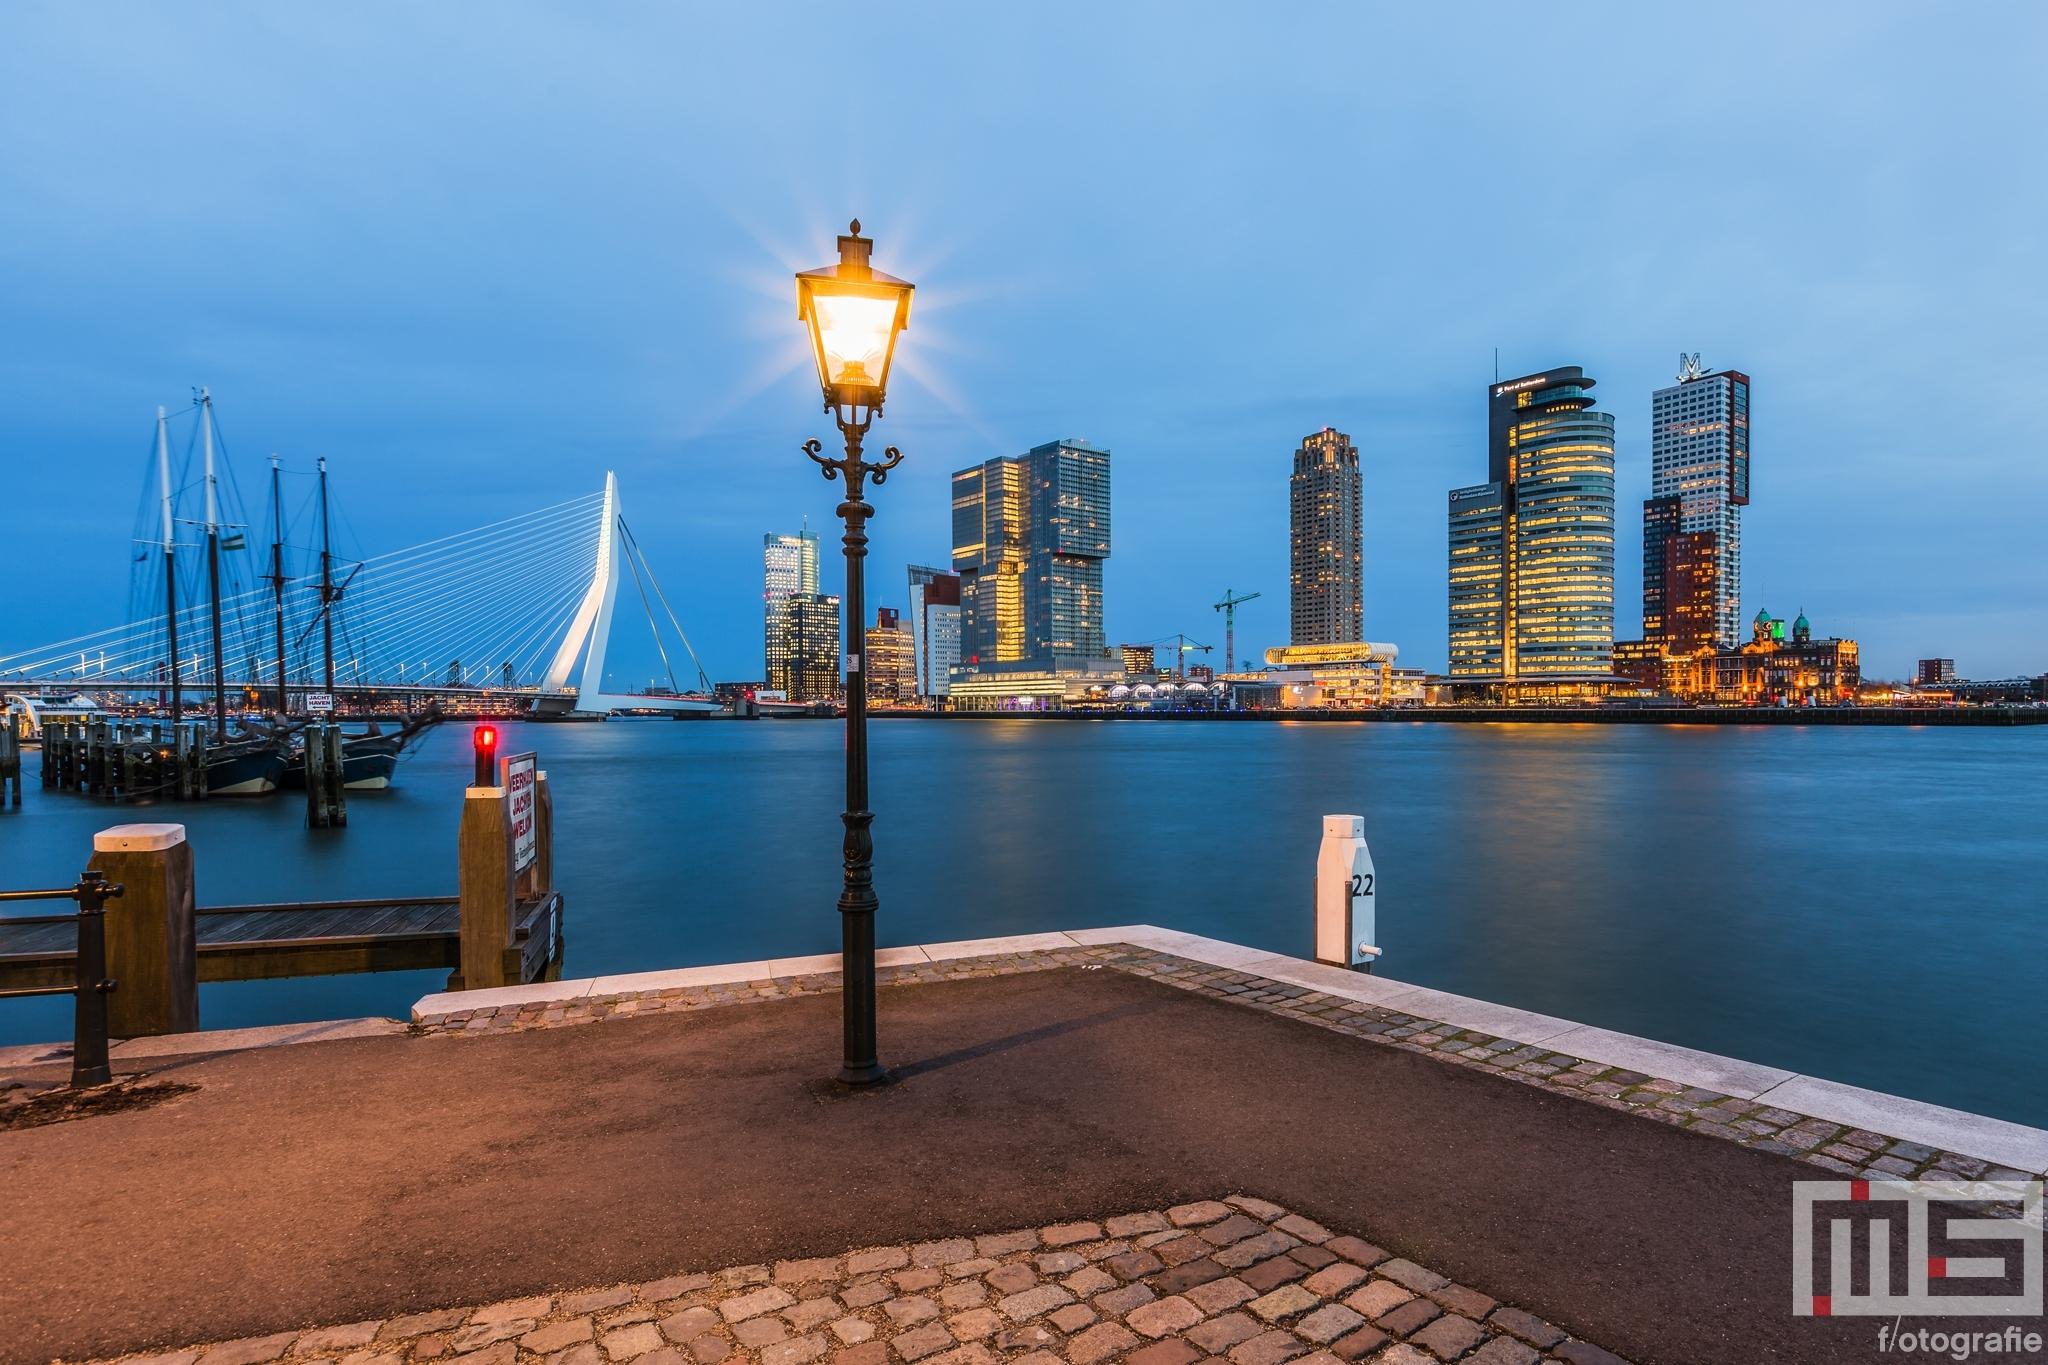 Het uitzicht vanuit de Veerhaven in Rotterdam  met de welbekende lantaarnpaal